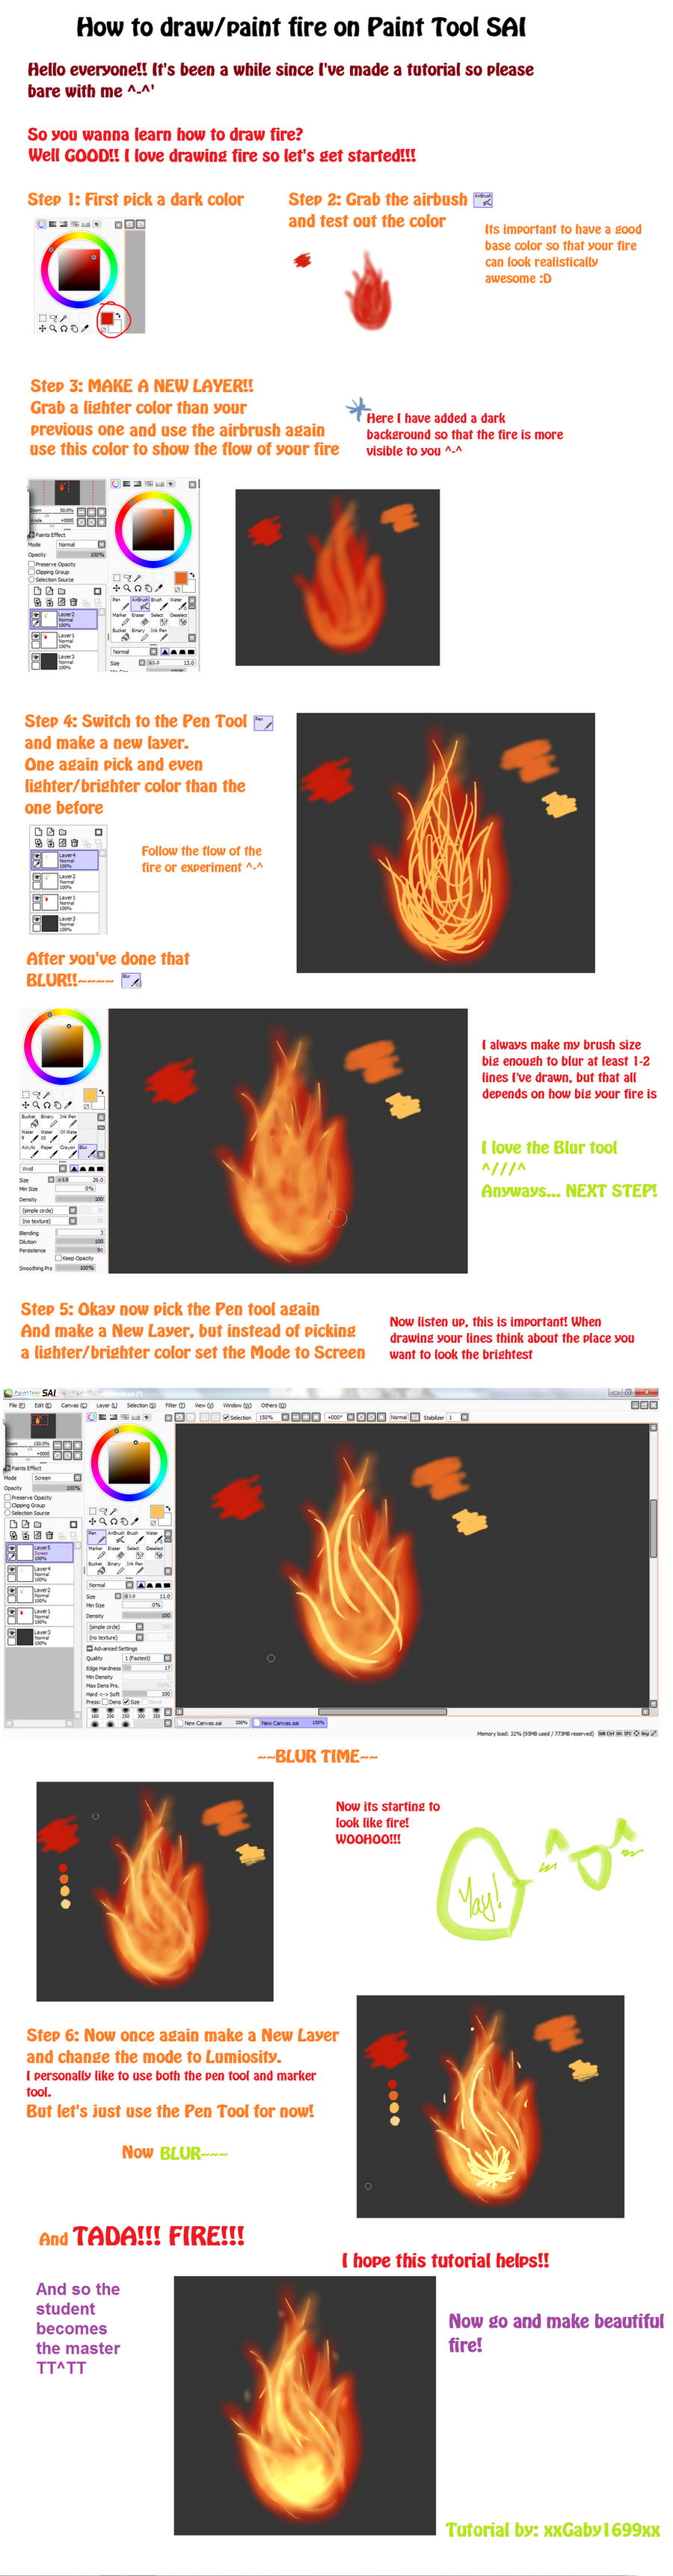 Paint Tool Sai Flame Tutorial